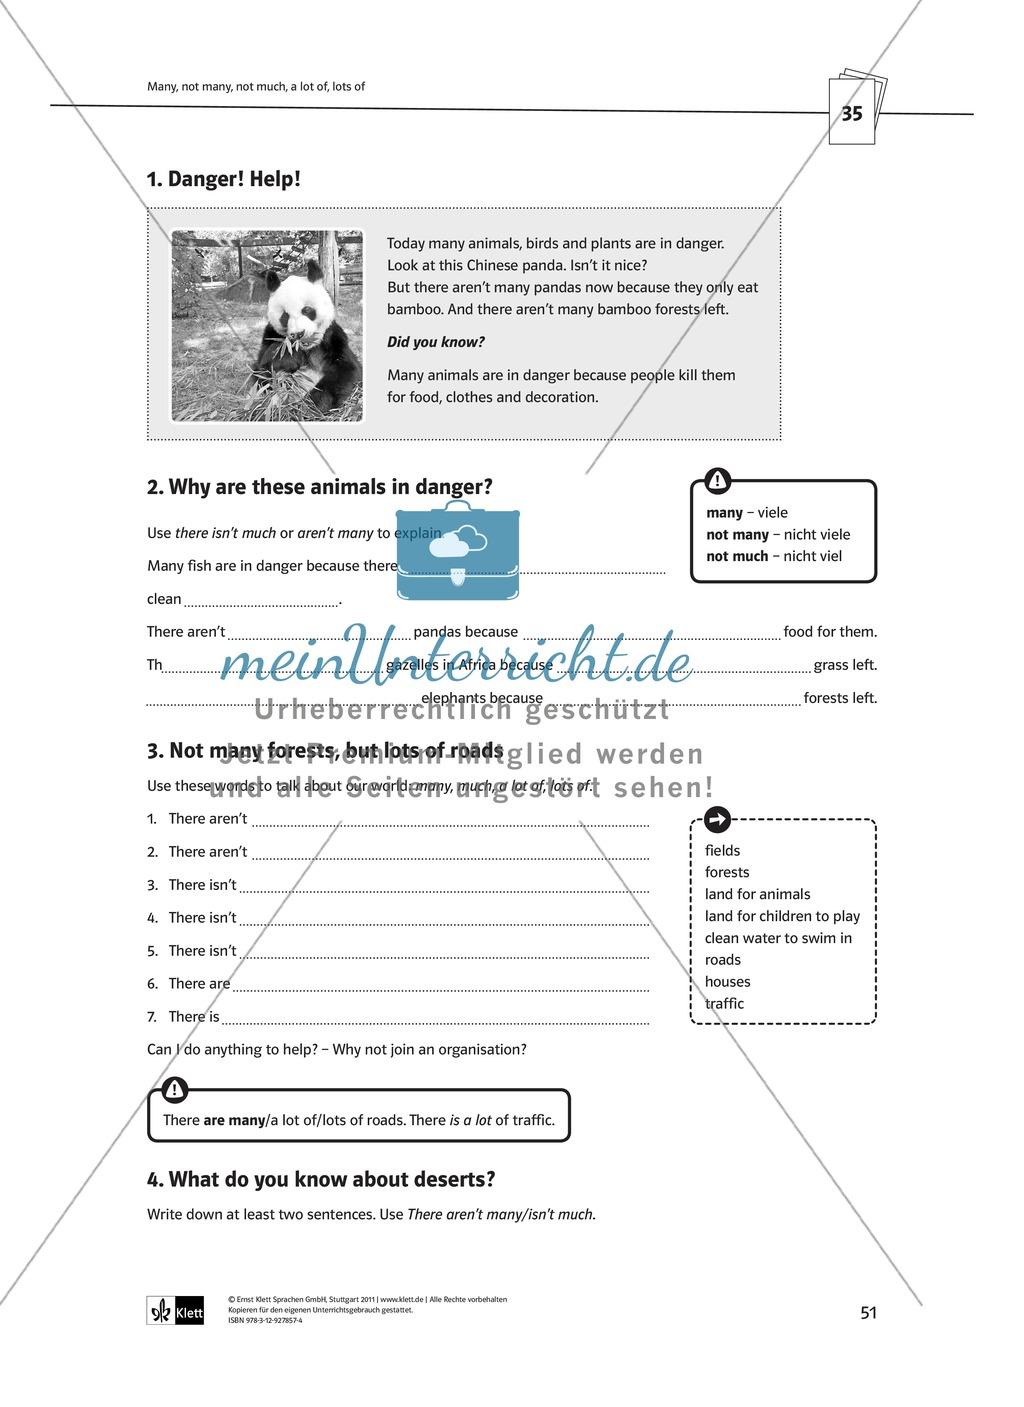 Arbeitsblätter für einen kommunikativen Grammatikunterricht: Mengenangaben Preview 3